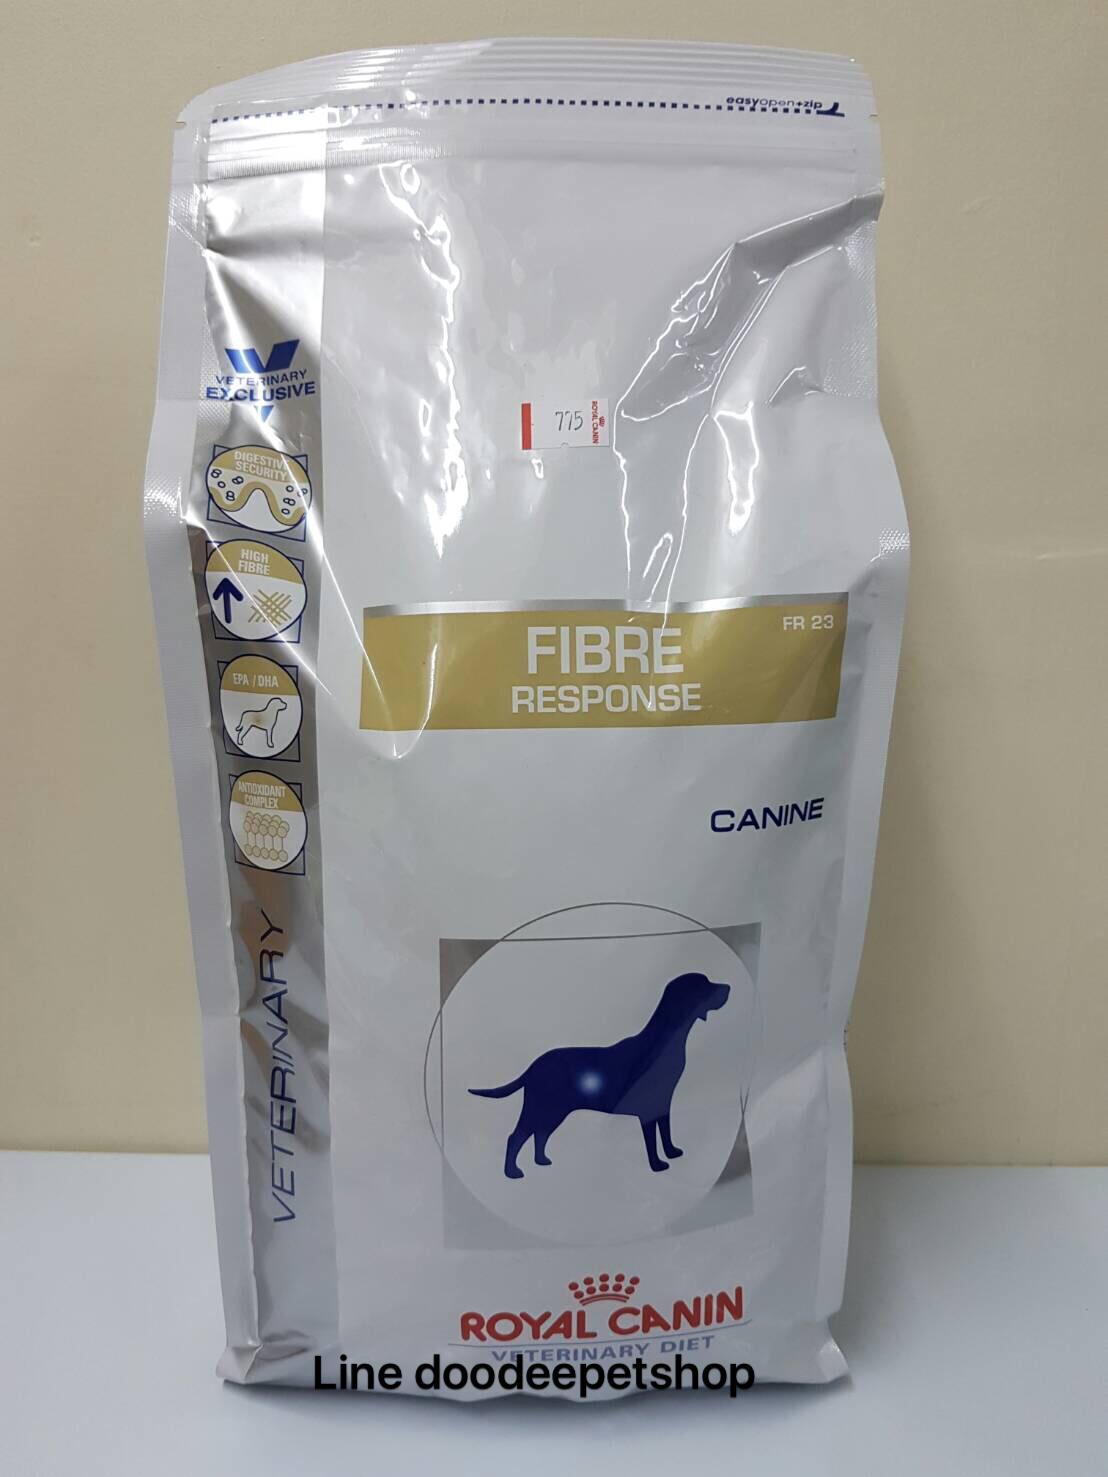 Fibre ุ2 kg. Exp.04/19 สุนัขที่ภาวะท้องผูก ช้วยให้ขับถ่ายได้สะดวก